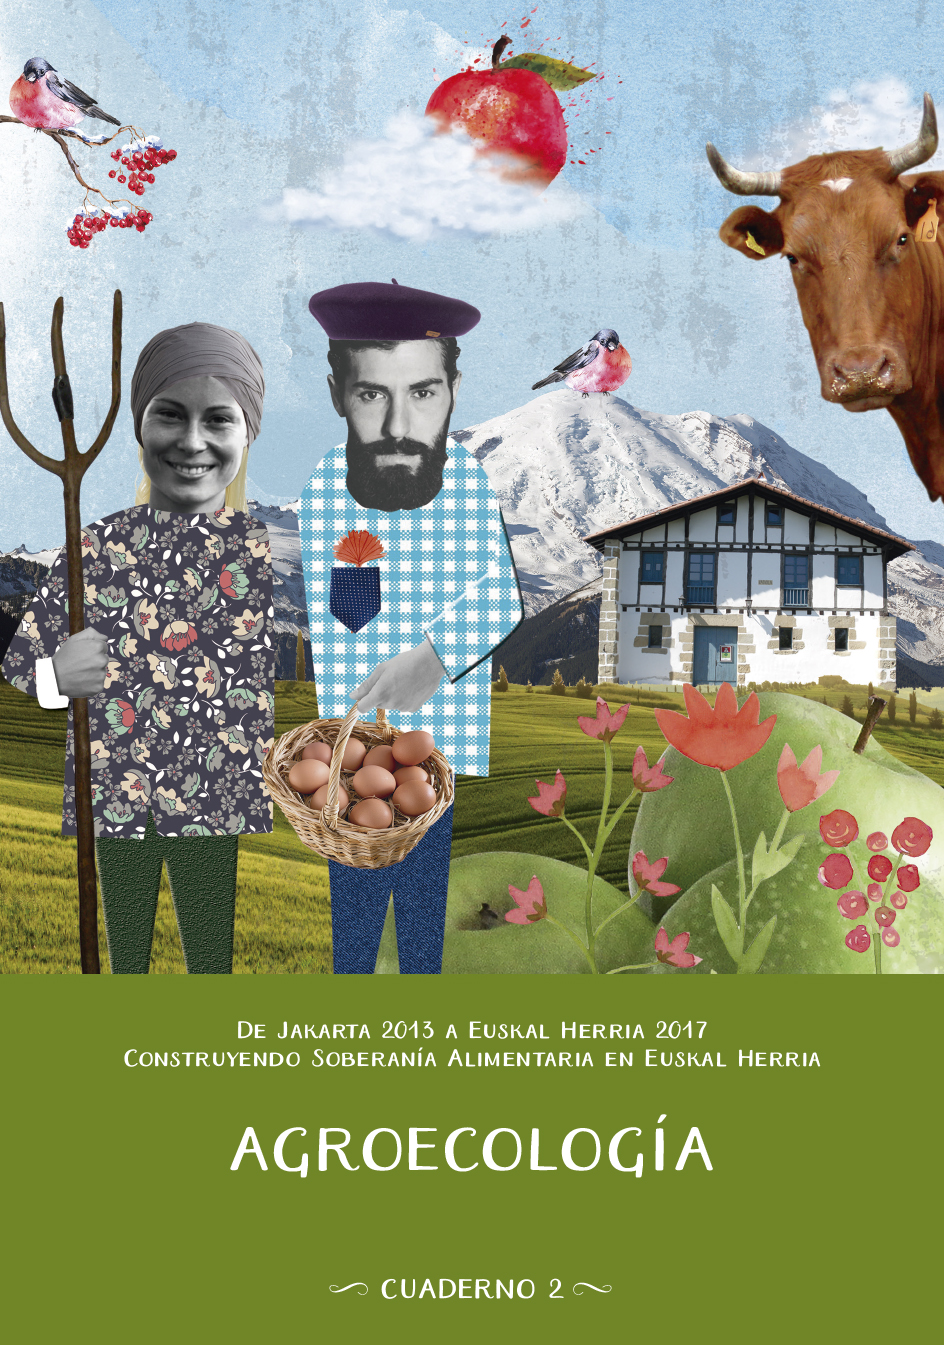 AGROECOLOGIA-1